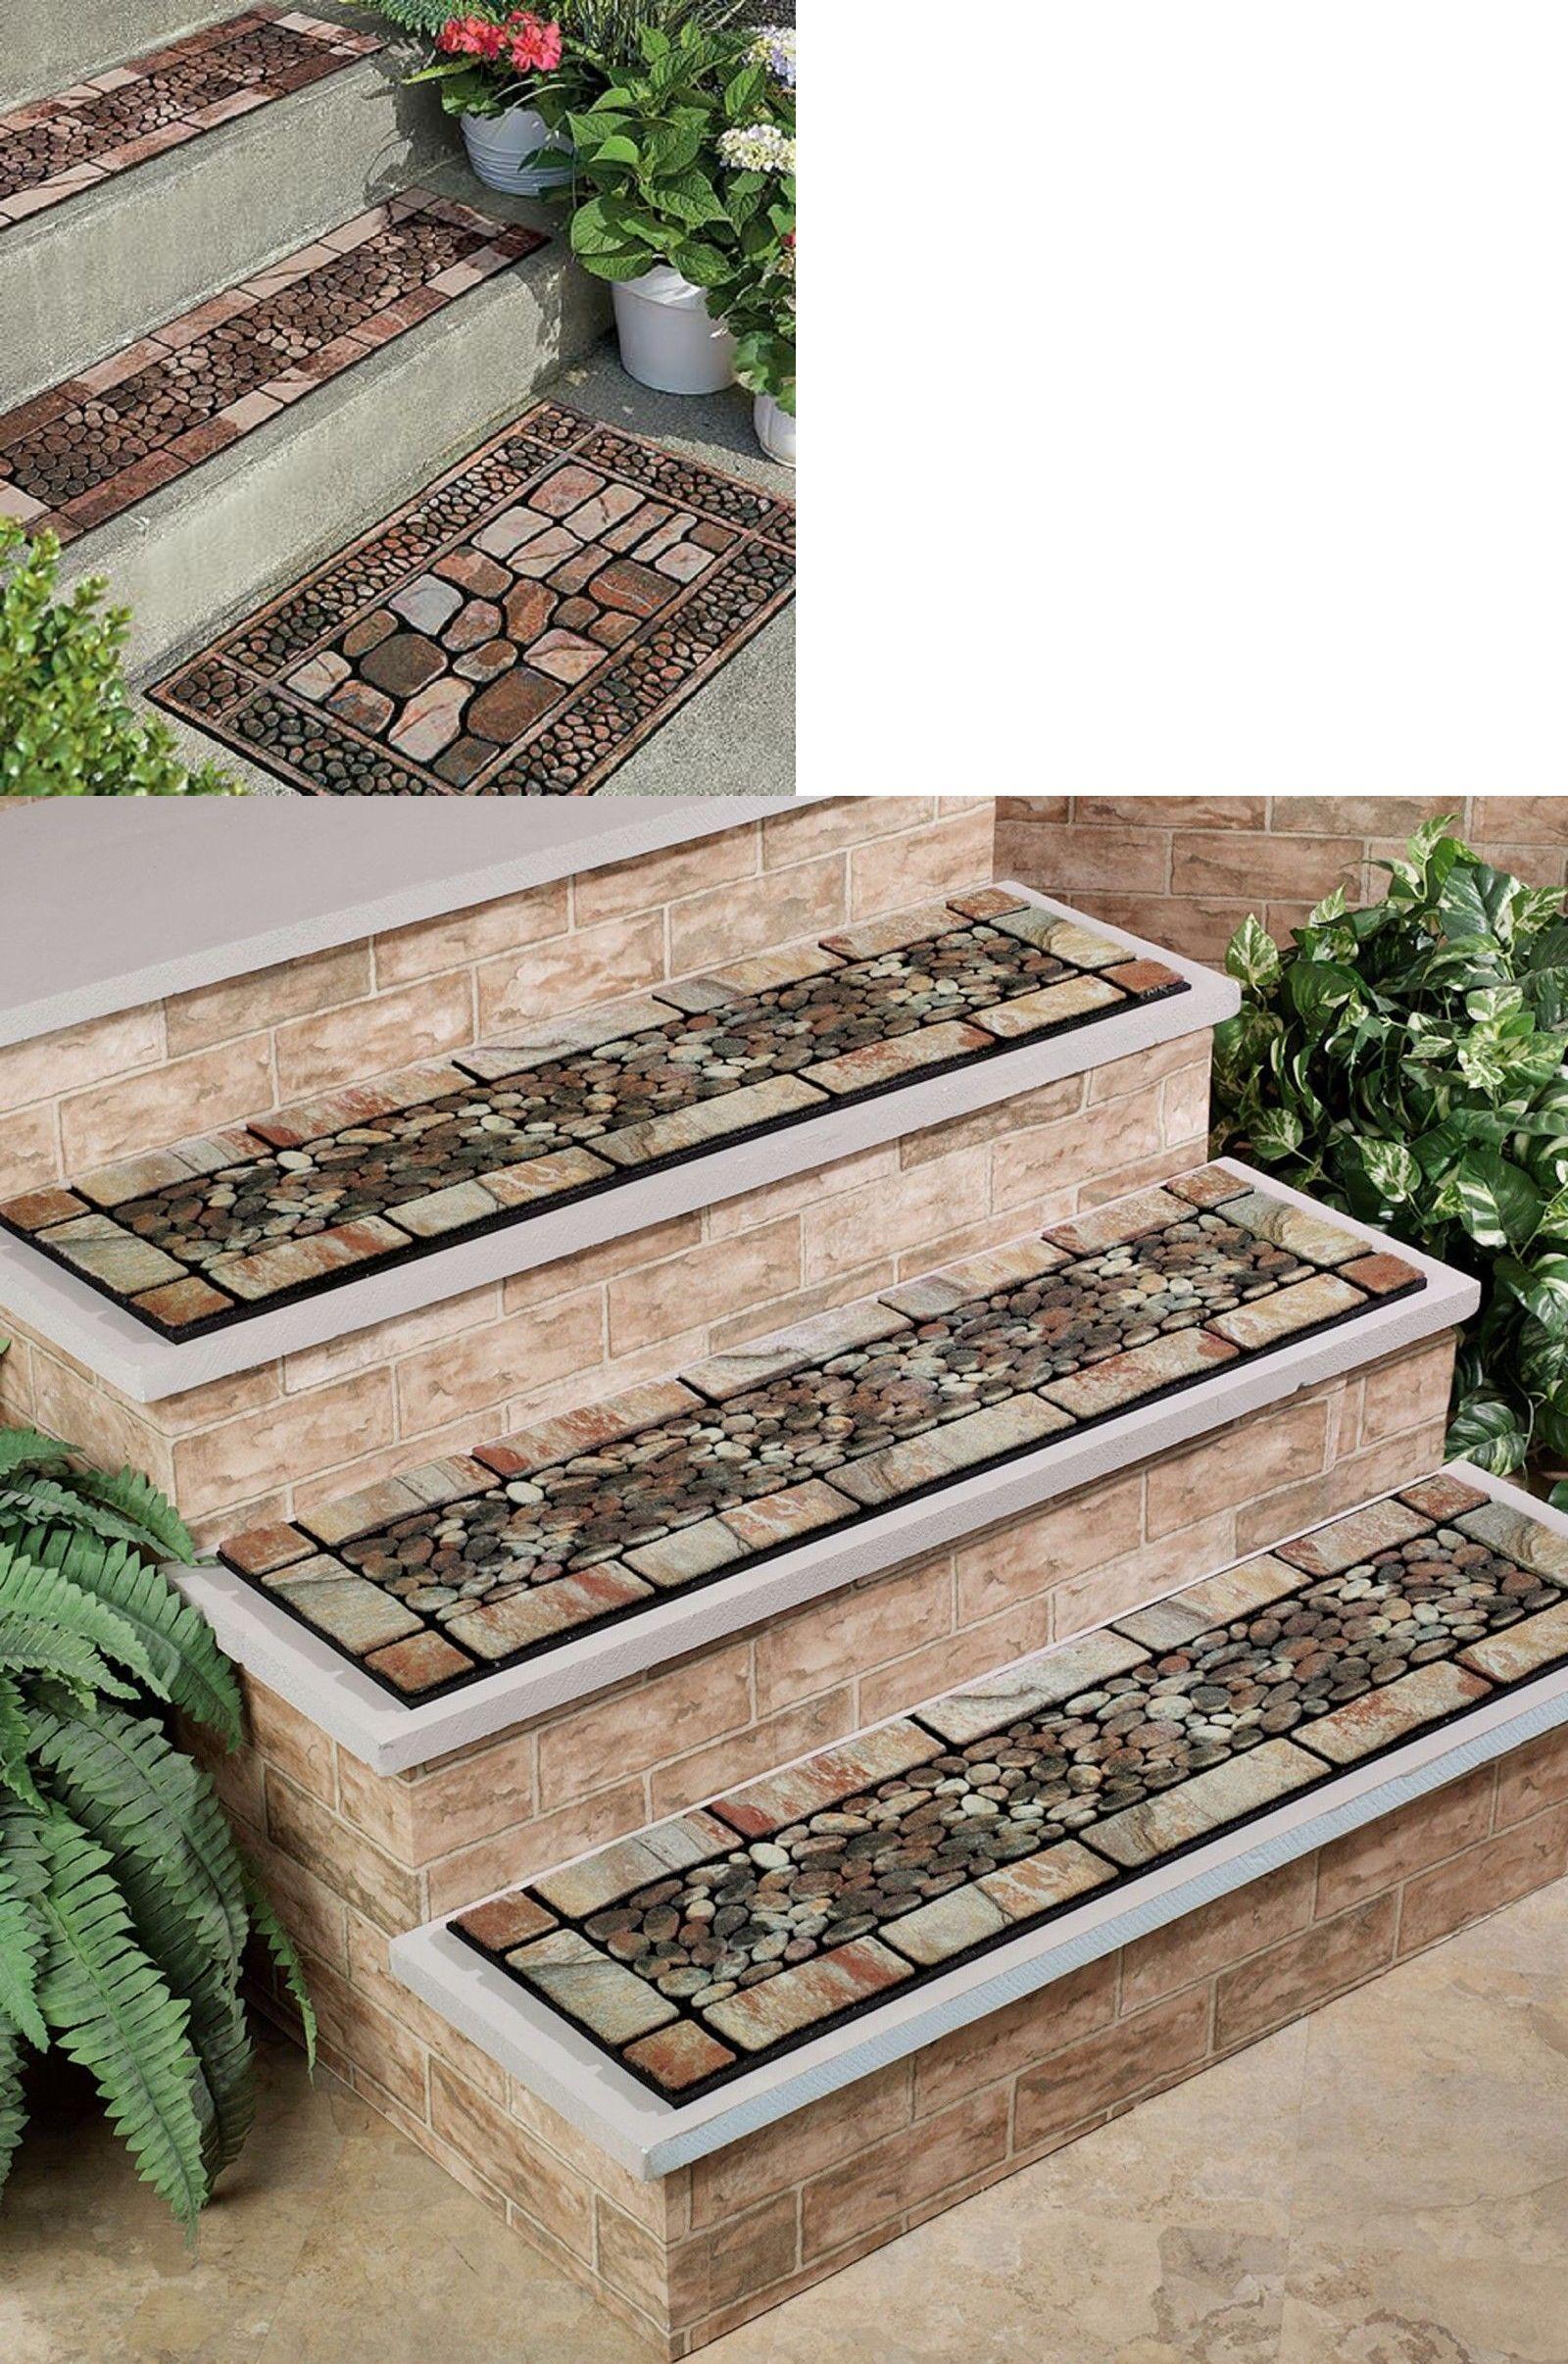 Stair Treads 175517 Outdoor Stones Door Mat Or Stair Treads | Outdoor Stone Stair Treads | Deck | Curved | Backyard | Unique | Stone Veneer